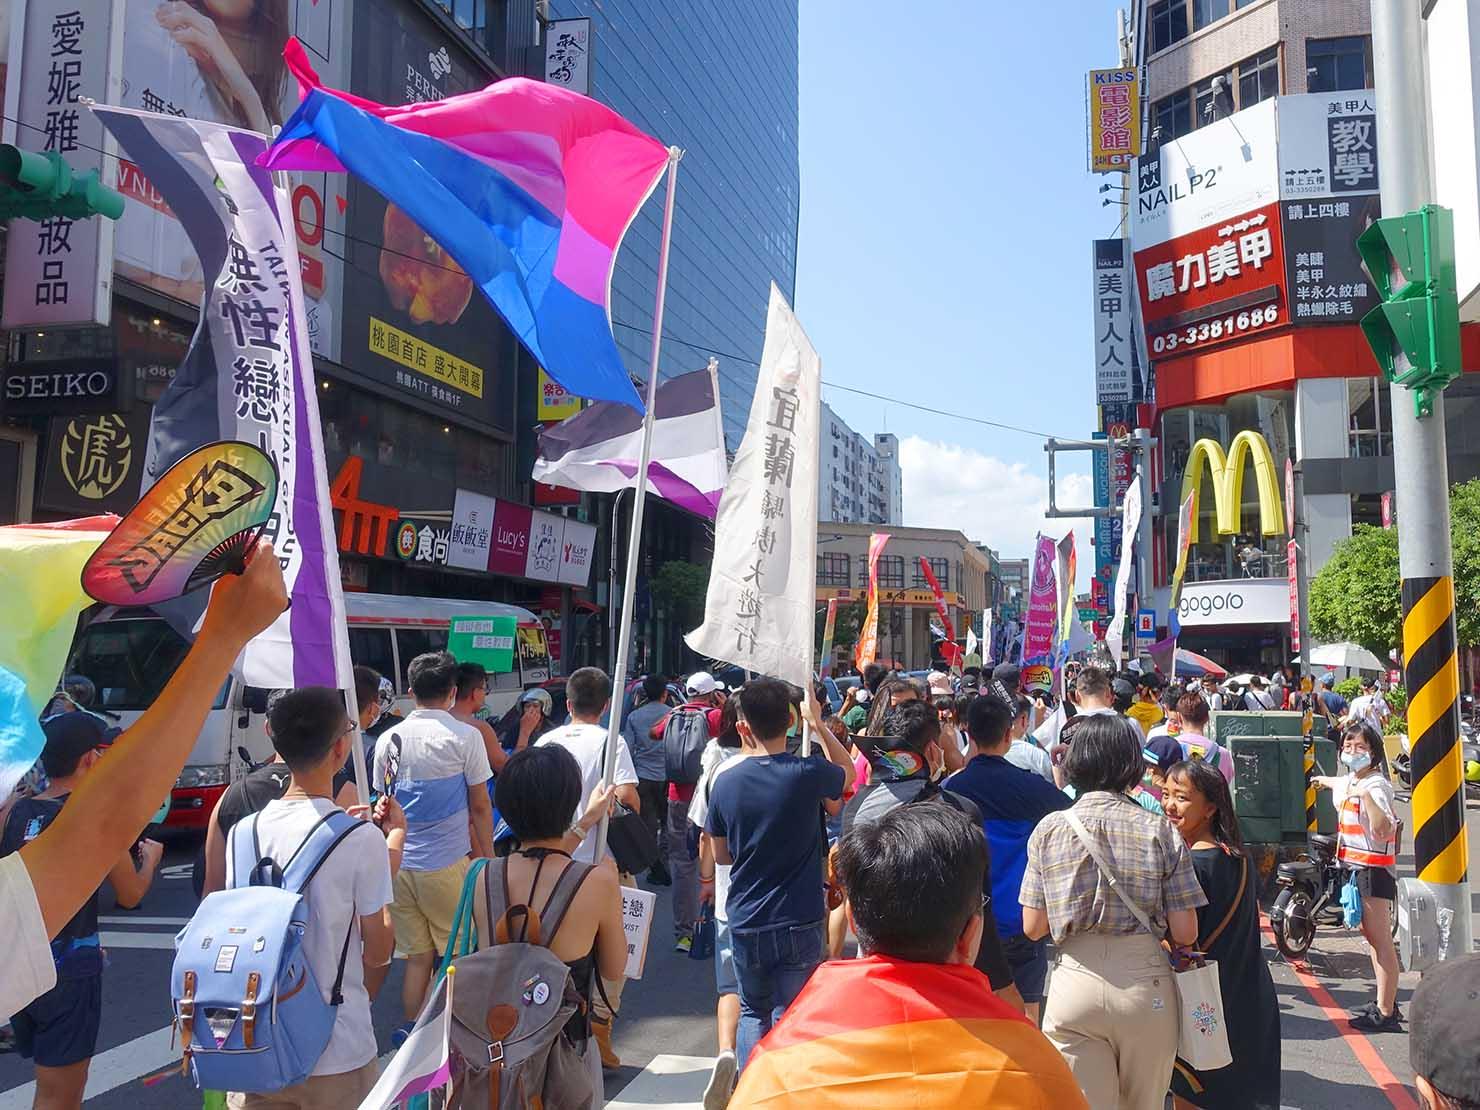 台湾・桃園のLGBTプライド「桃園彩虹野餐日」2020で繁華街に差しかかるパレード隊列を後方から